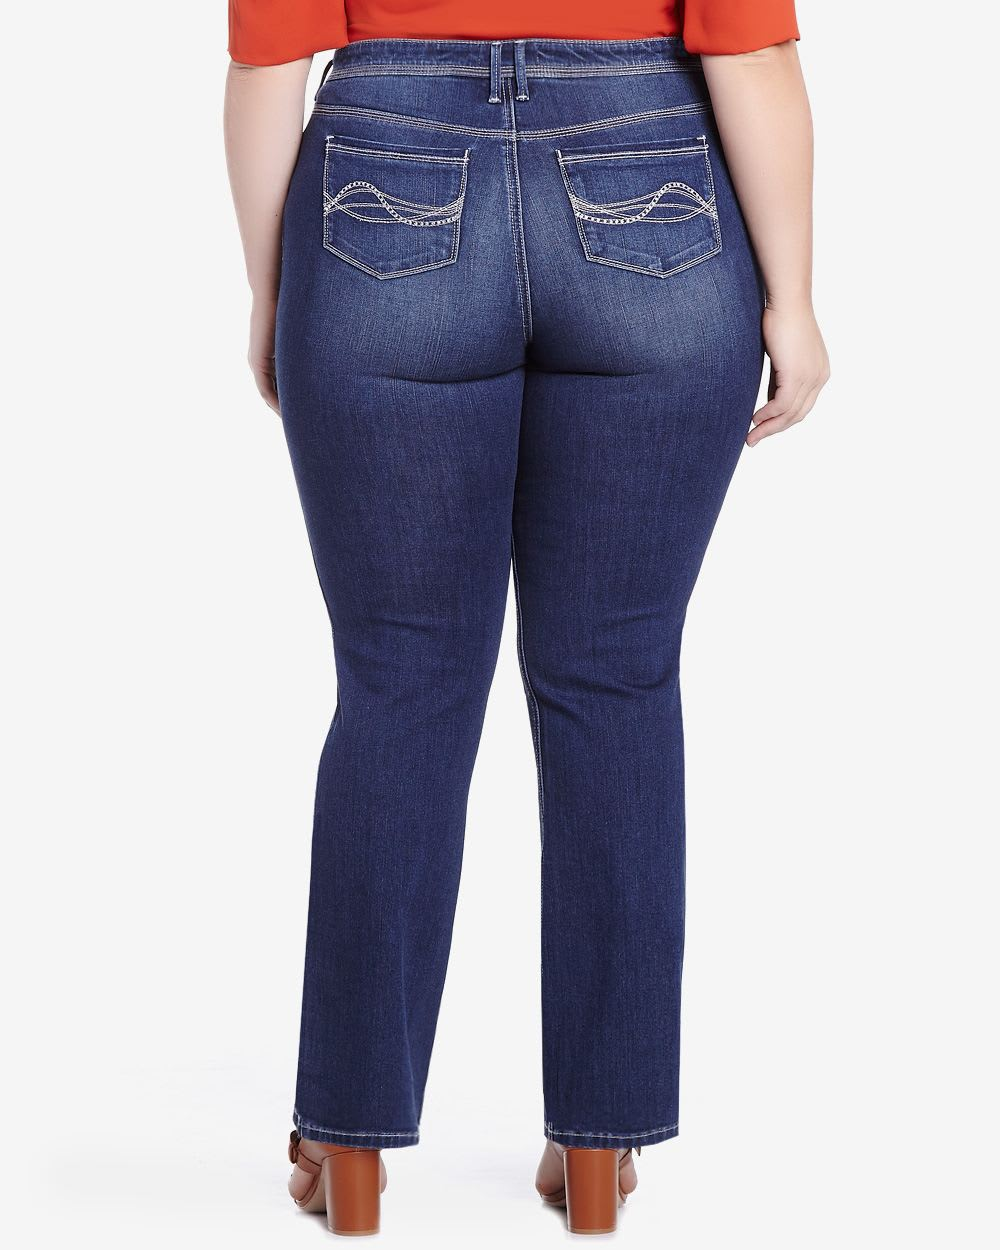 Plus Size Only Denim Slight Boot Cut Jeans  Plus Sizes  Reitmans